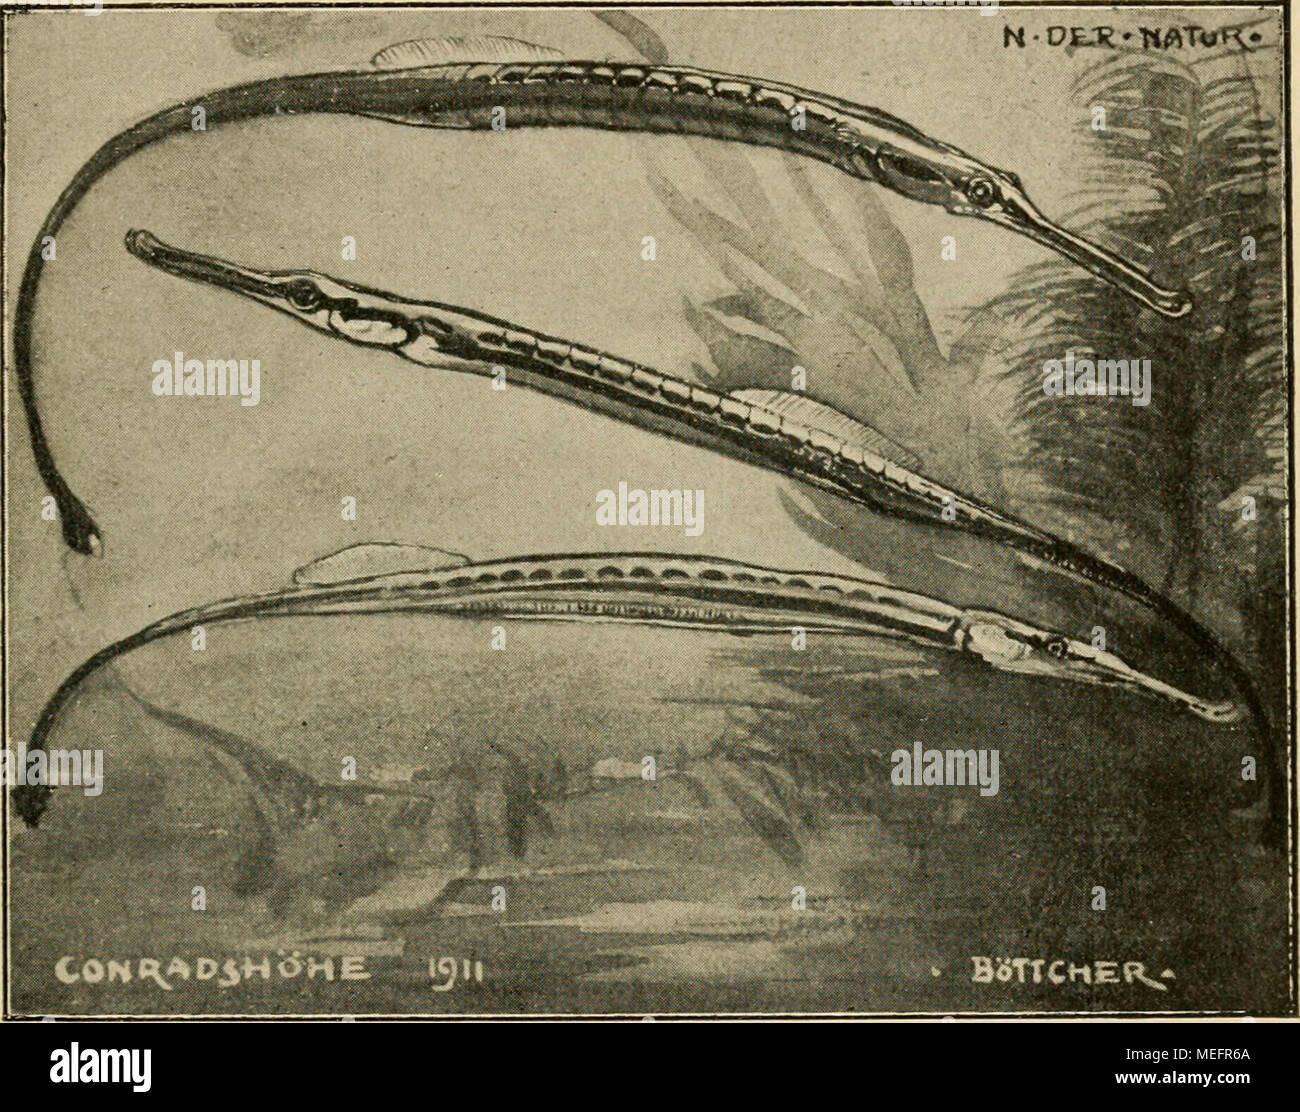 Seepferdchen Stockfotos & Seepferdchen Bilder - Alamy